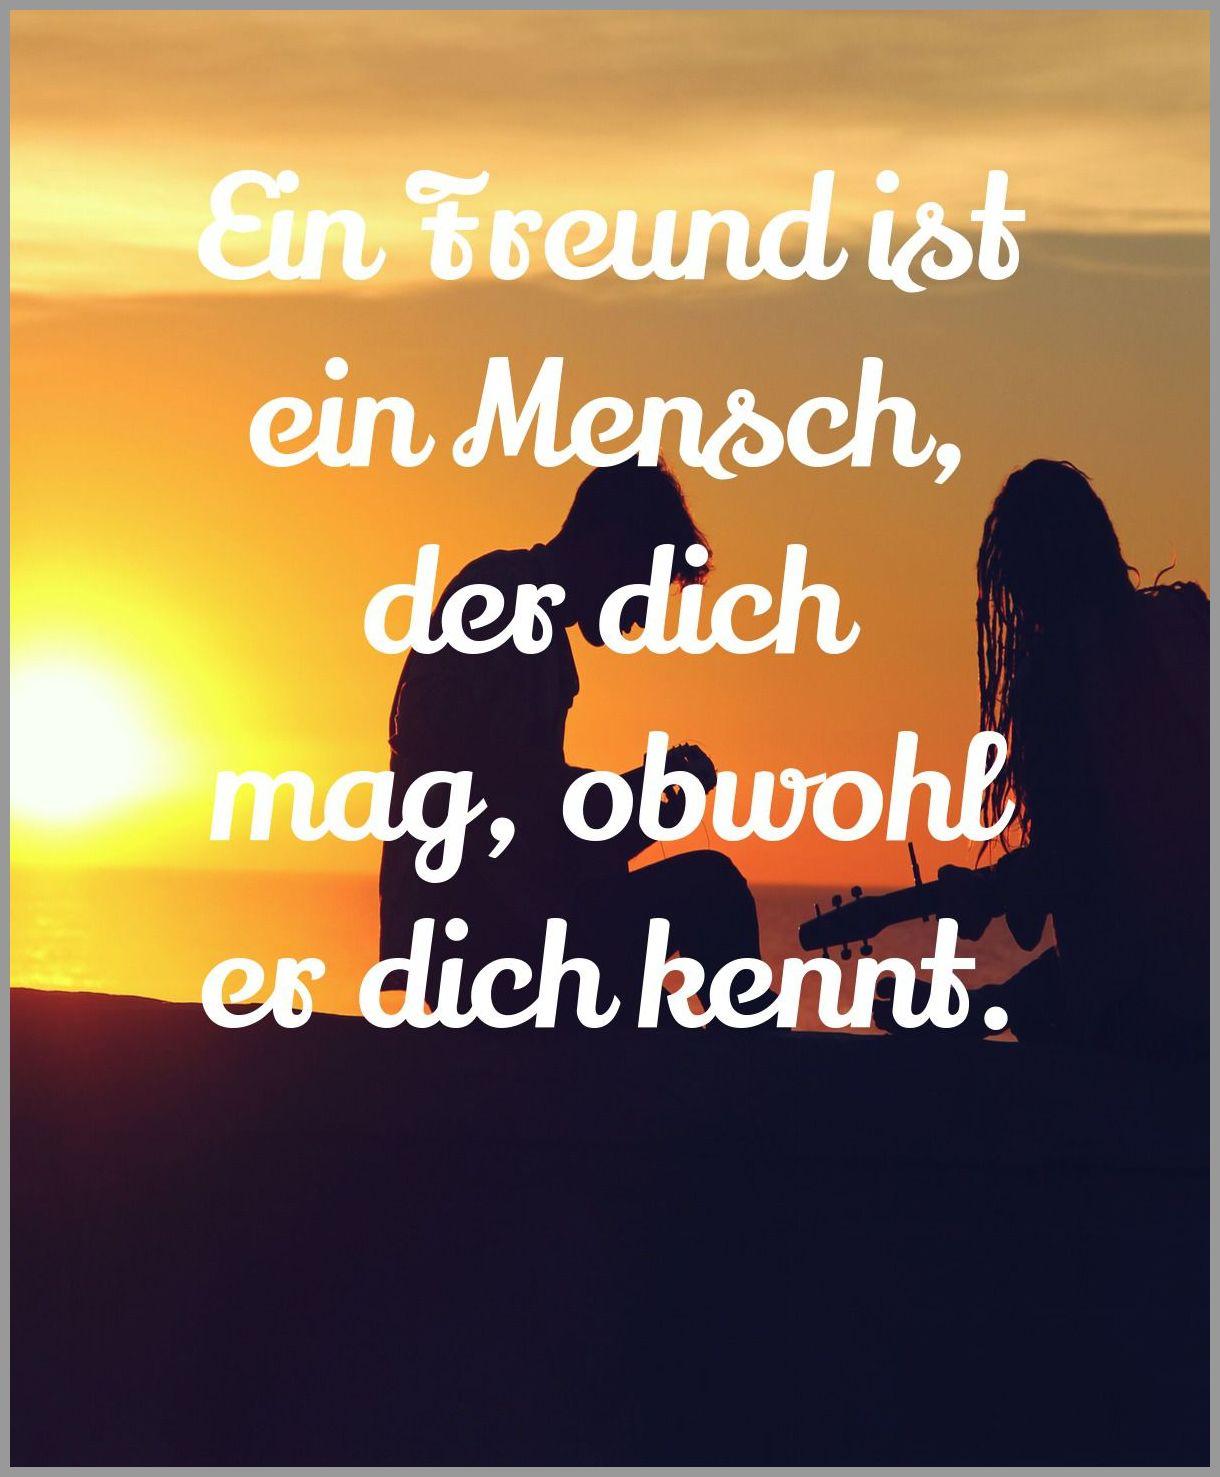 Ein freund ist ein mensch der dich mag obwohl er dich kennt - Ein freund ist ein mensch der dich mag obwohl er dich kennt